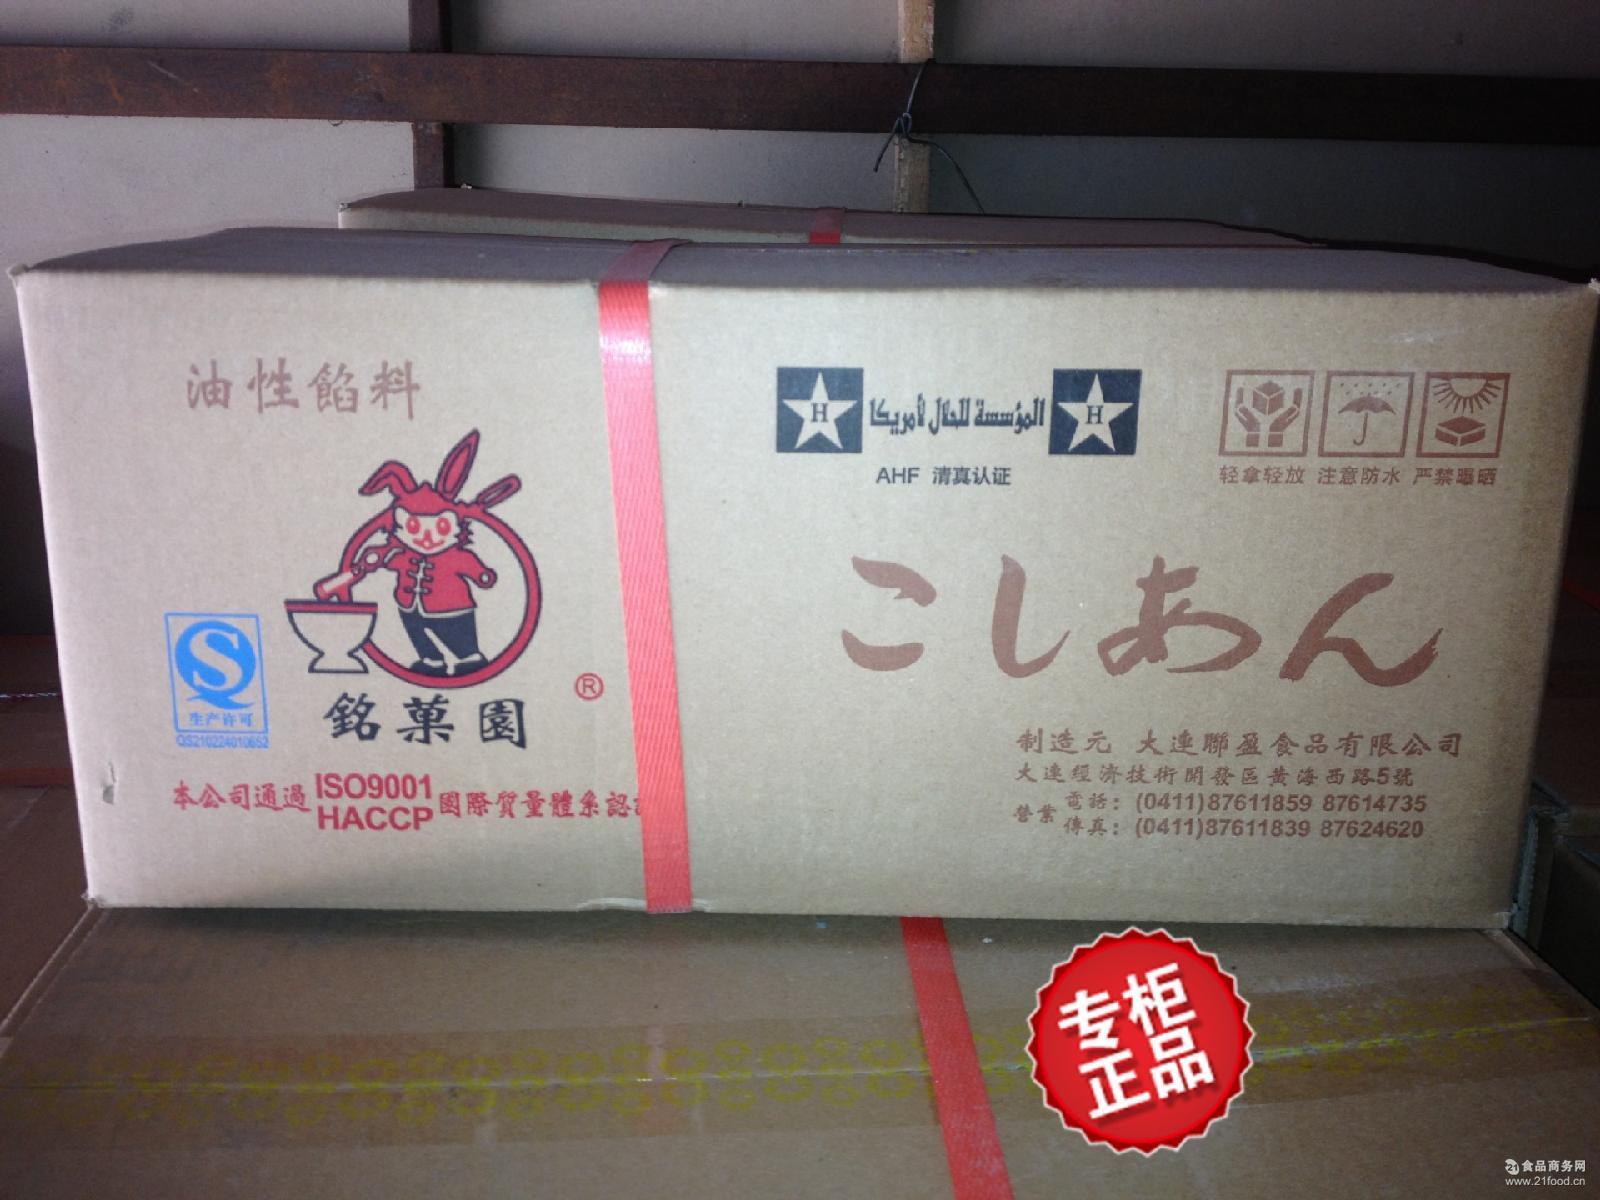 水油性高档月饼专用馅料红豆沙烘焙原料批发江浙沪皖包邮 铭果园